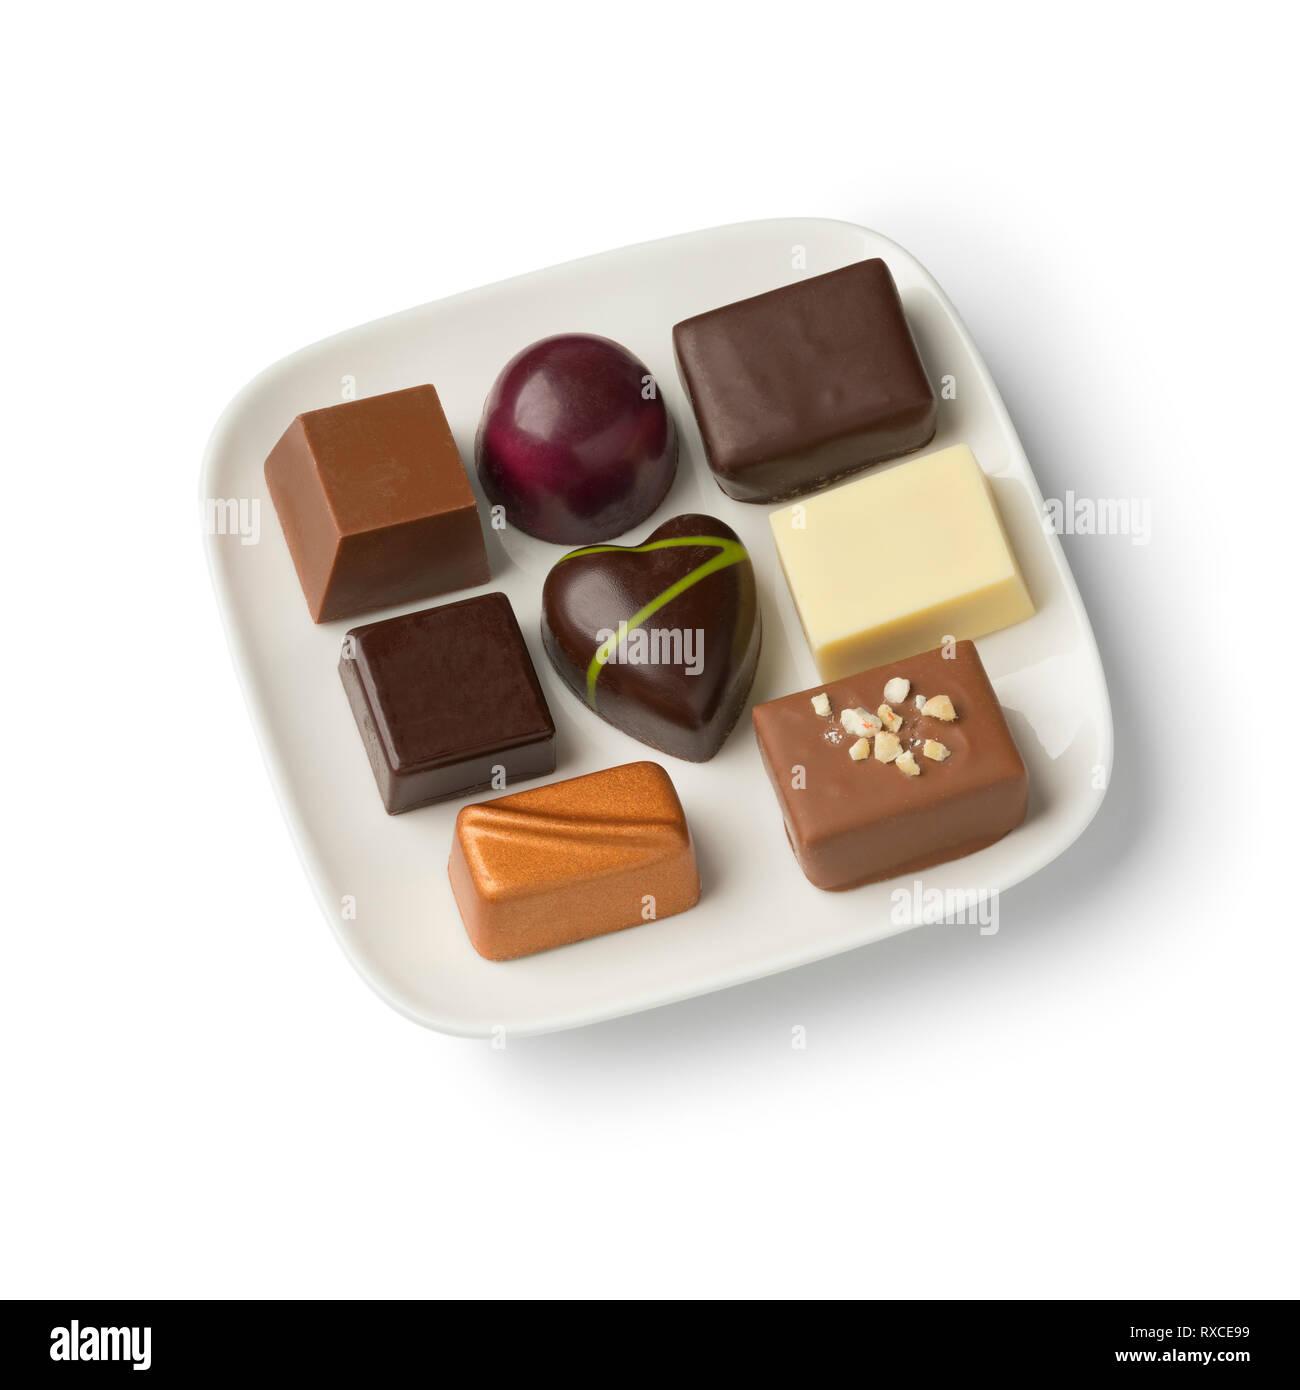 Teller mit sortierten Schokolade Bonbons auf weißem Hintergrund Stockbild